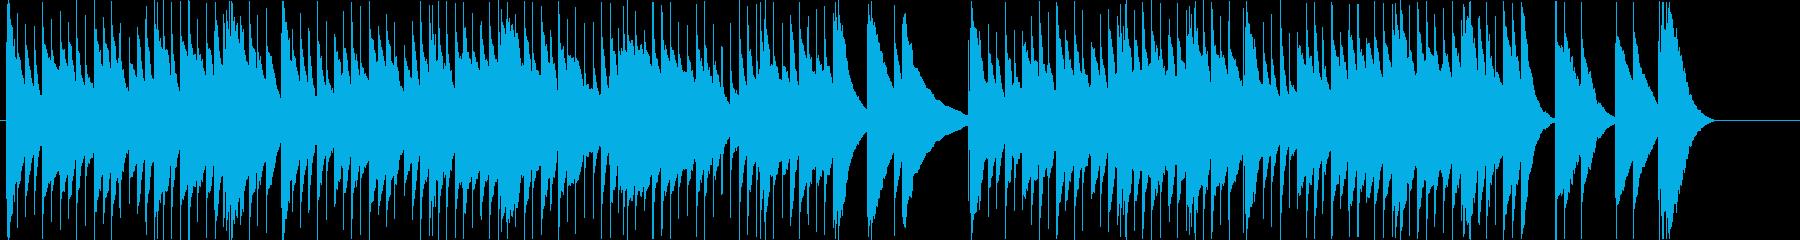 ノスタルジックなオルゴールの再生済みの波形